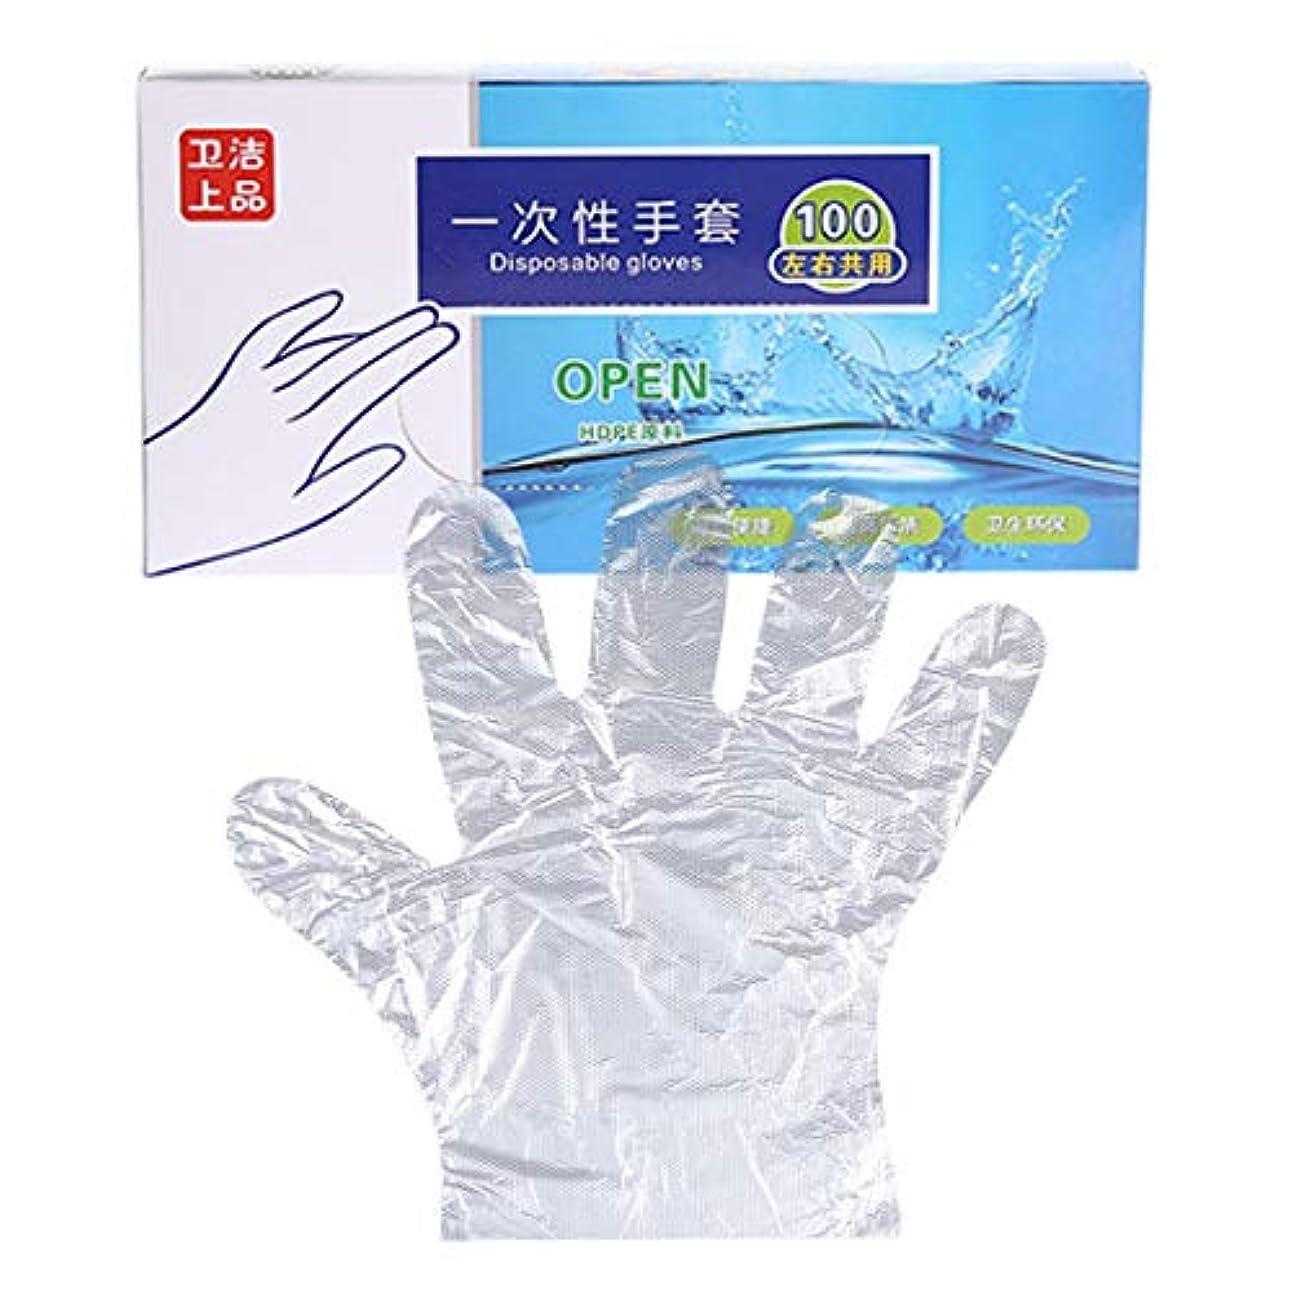 骨折腕王女Pinji 使い捨て手袋 100本入 透明 フリーサイズ グローブ ポリエチレン手袋 左右兼用 ポリエチレン PE 実用 衛生 調理 清掃 染髪